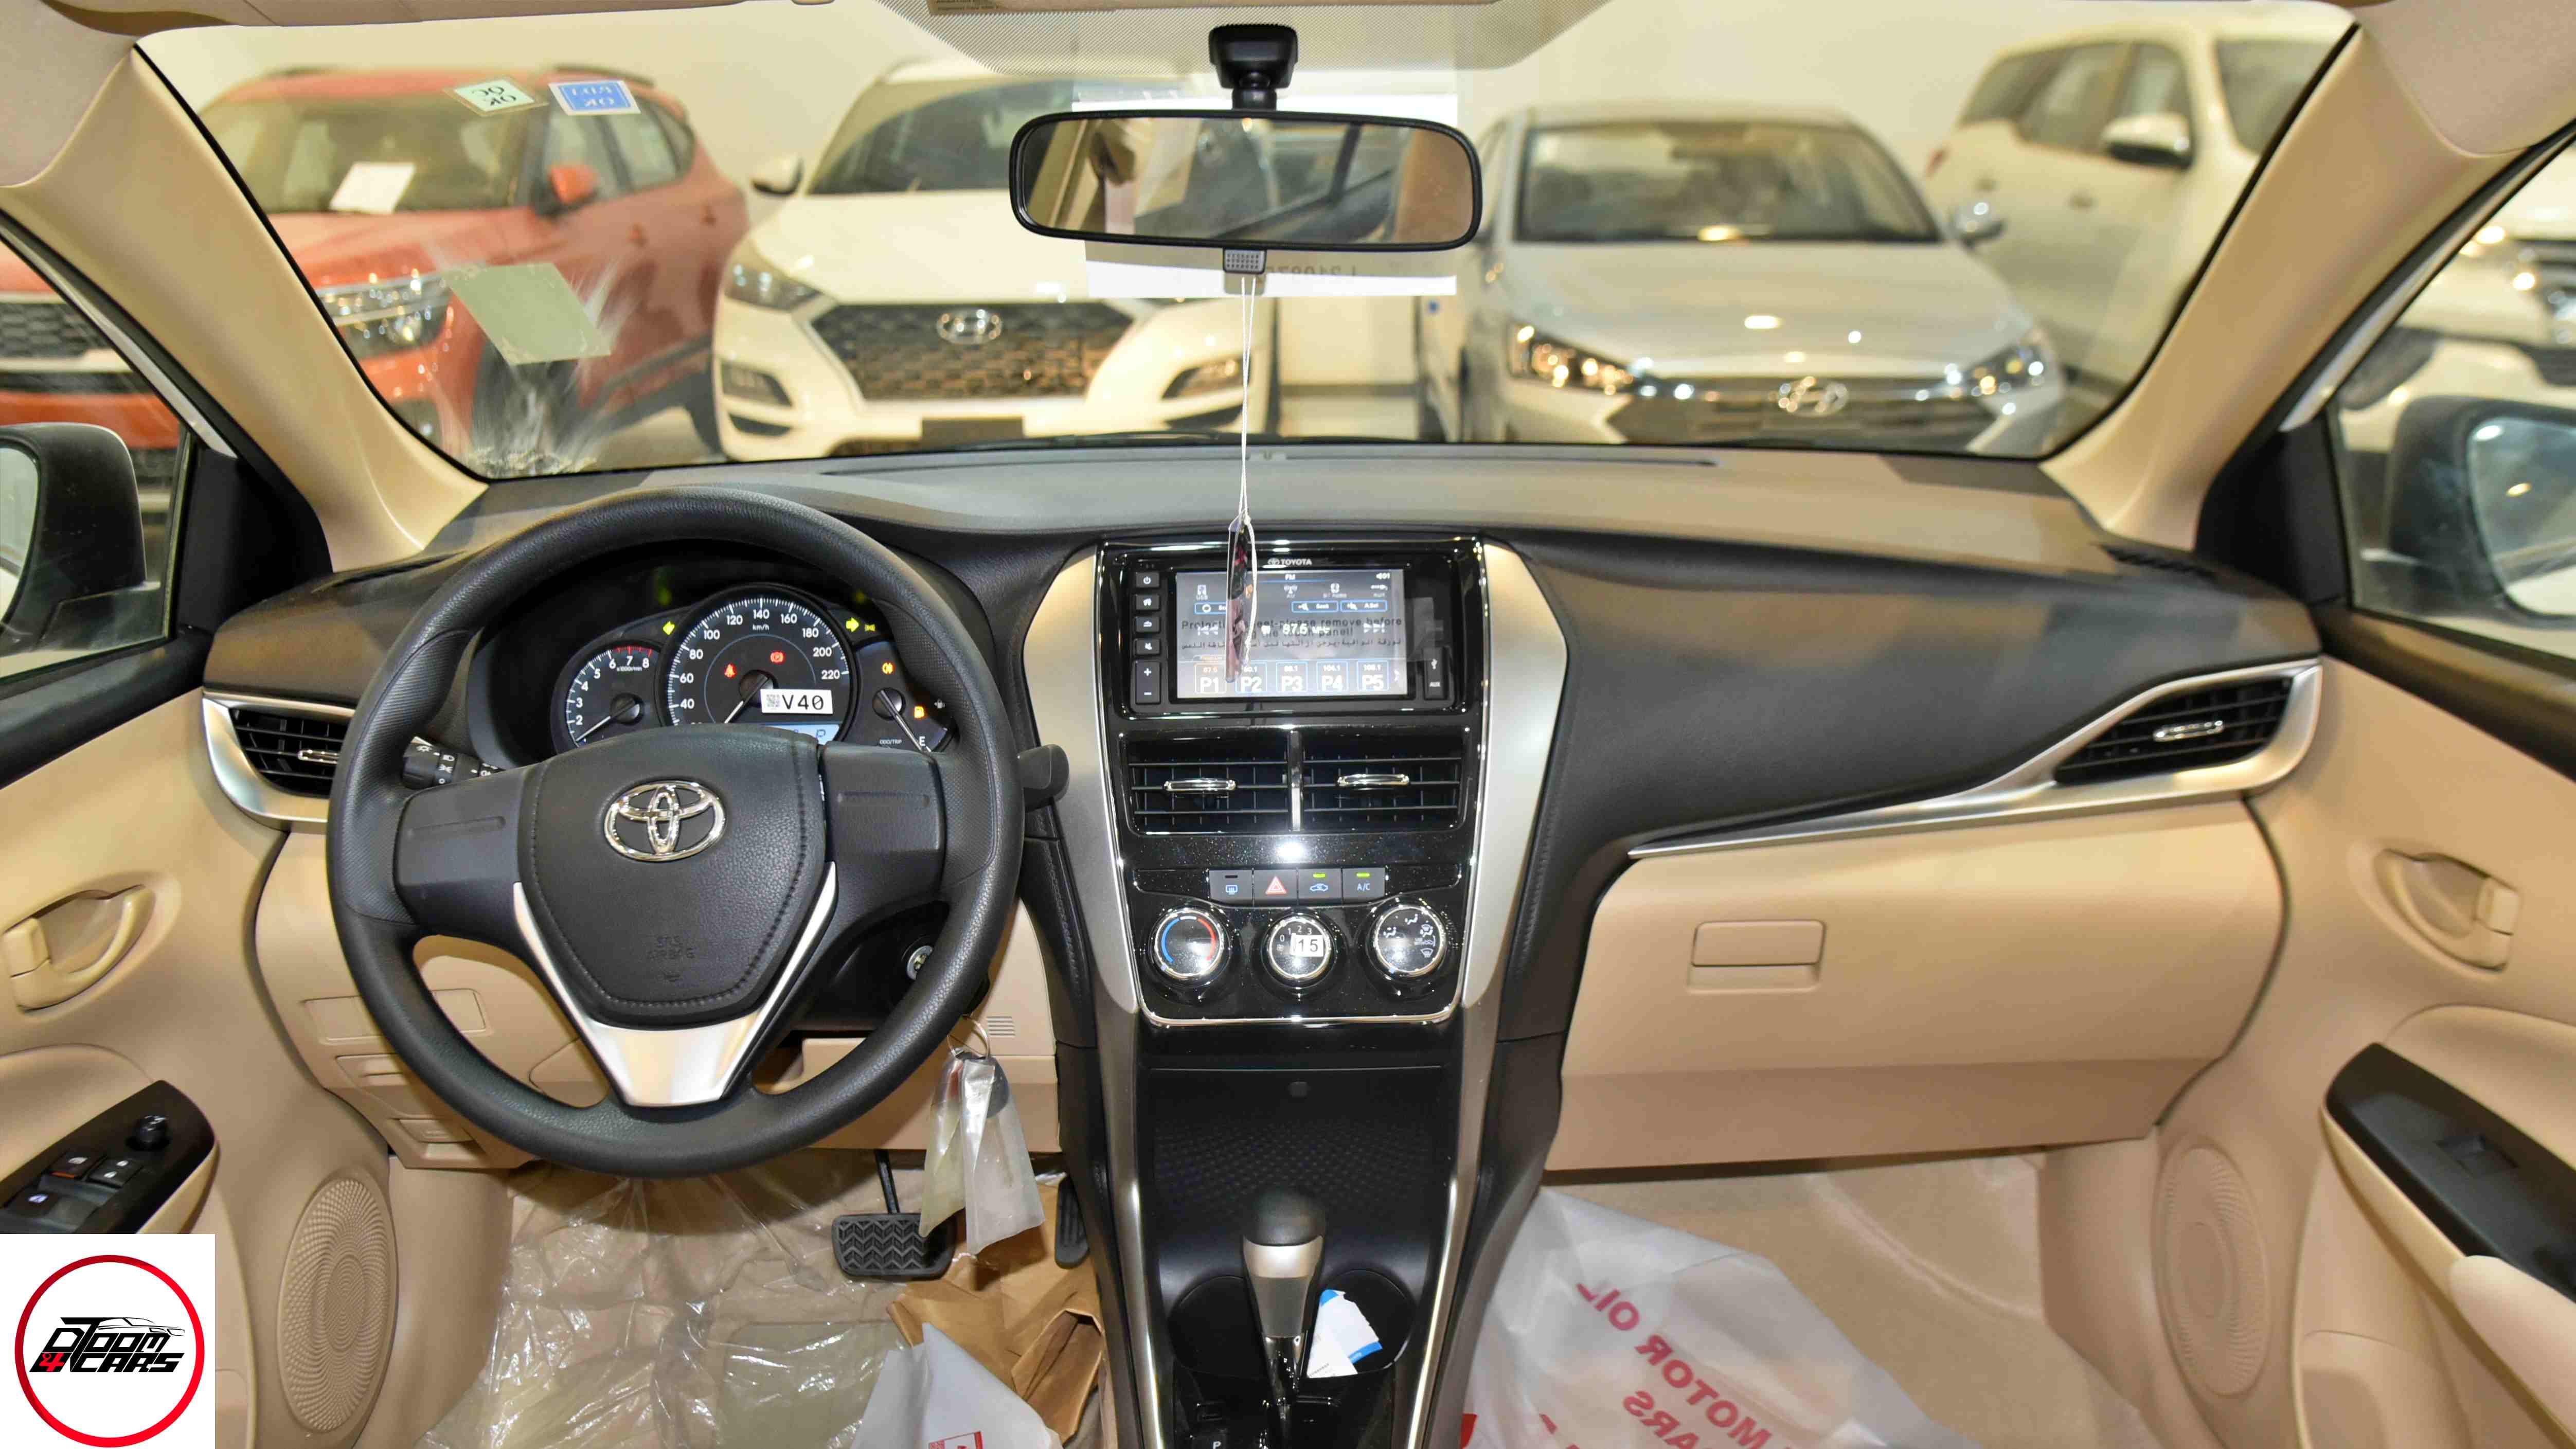 تويوتا يارس 2020 جنوط  Y PLUS  سعودي جديد  للبيع في الرياض - السعودية - صورة كبيرة - 10